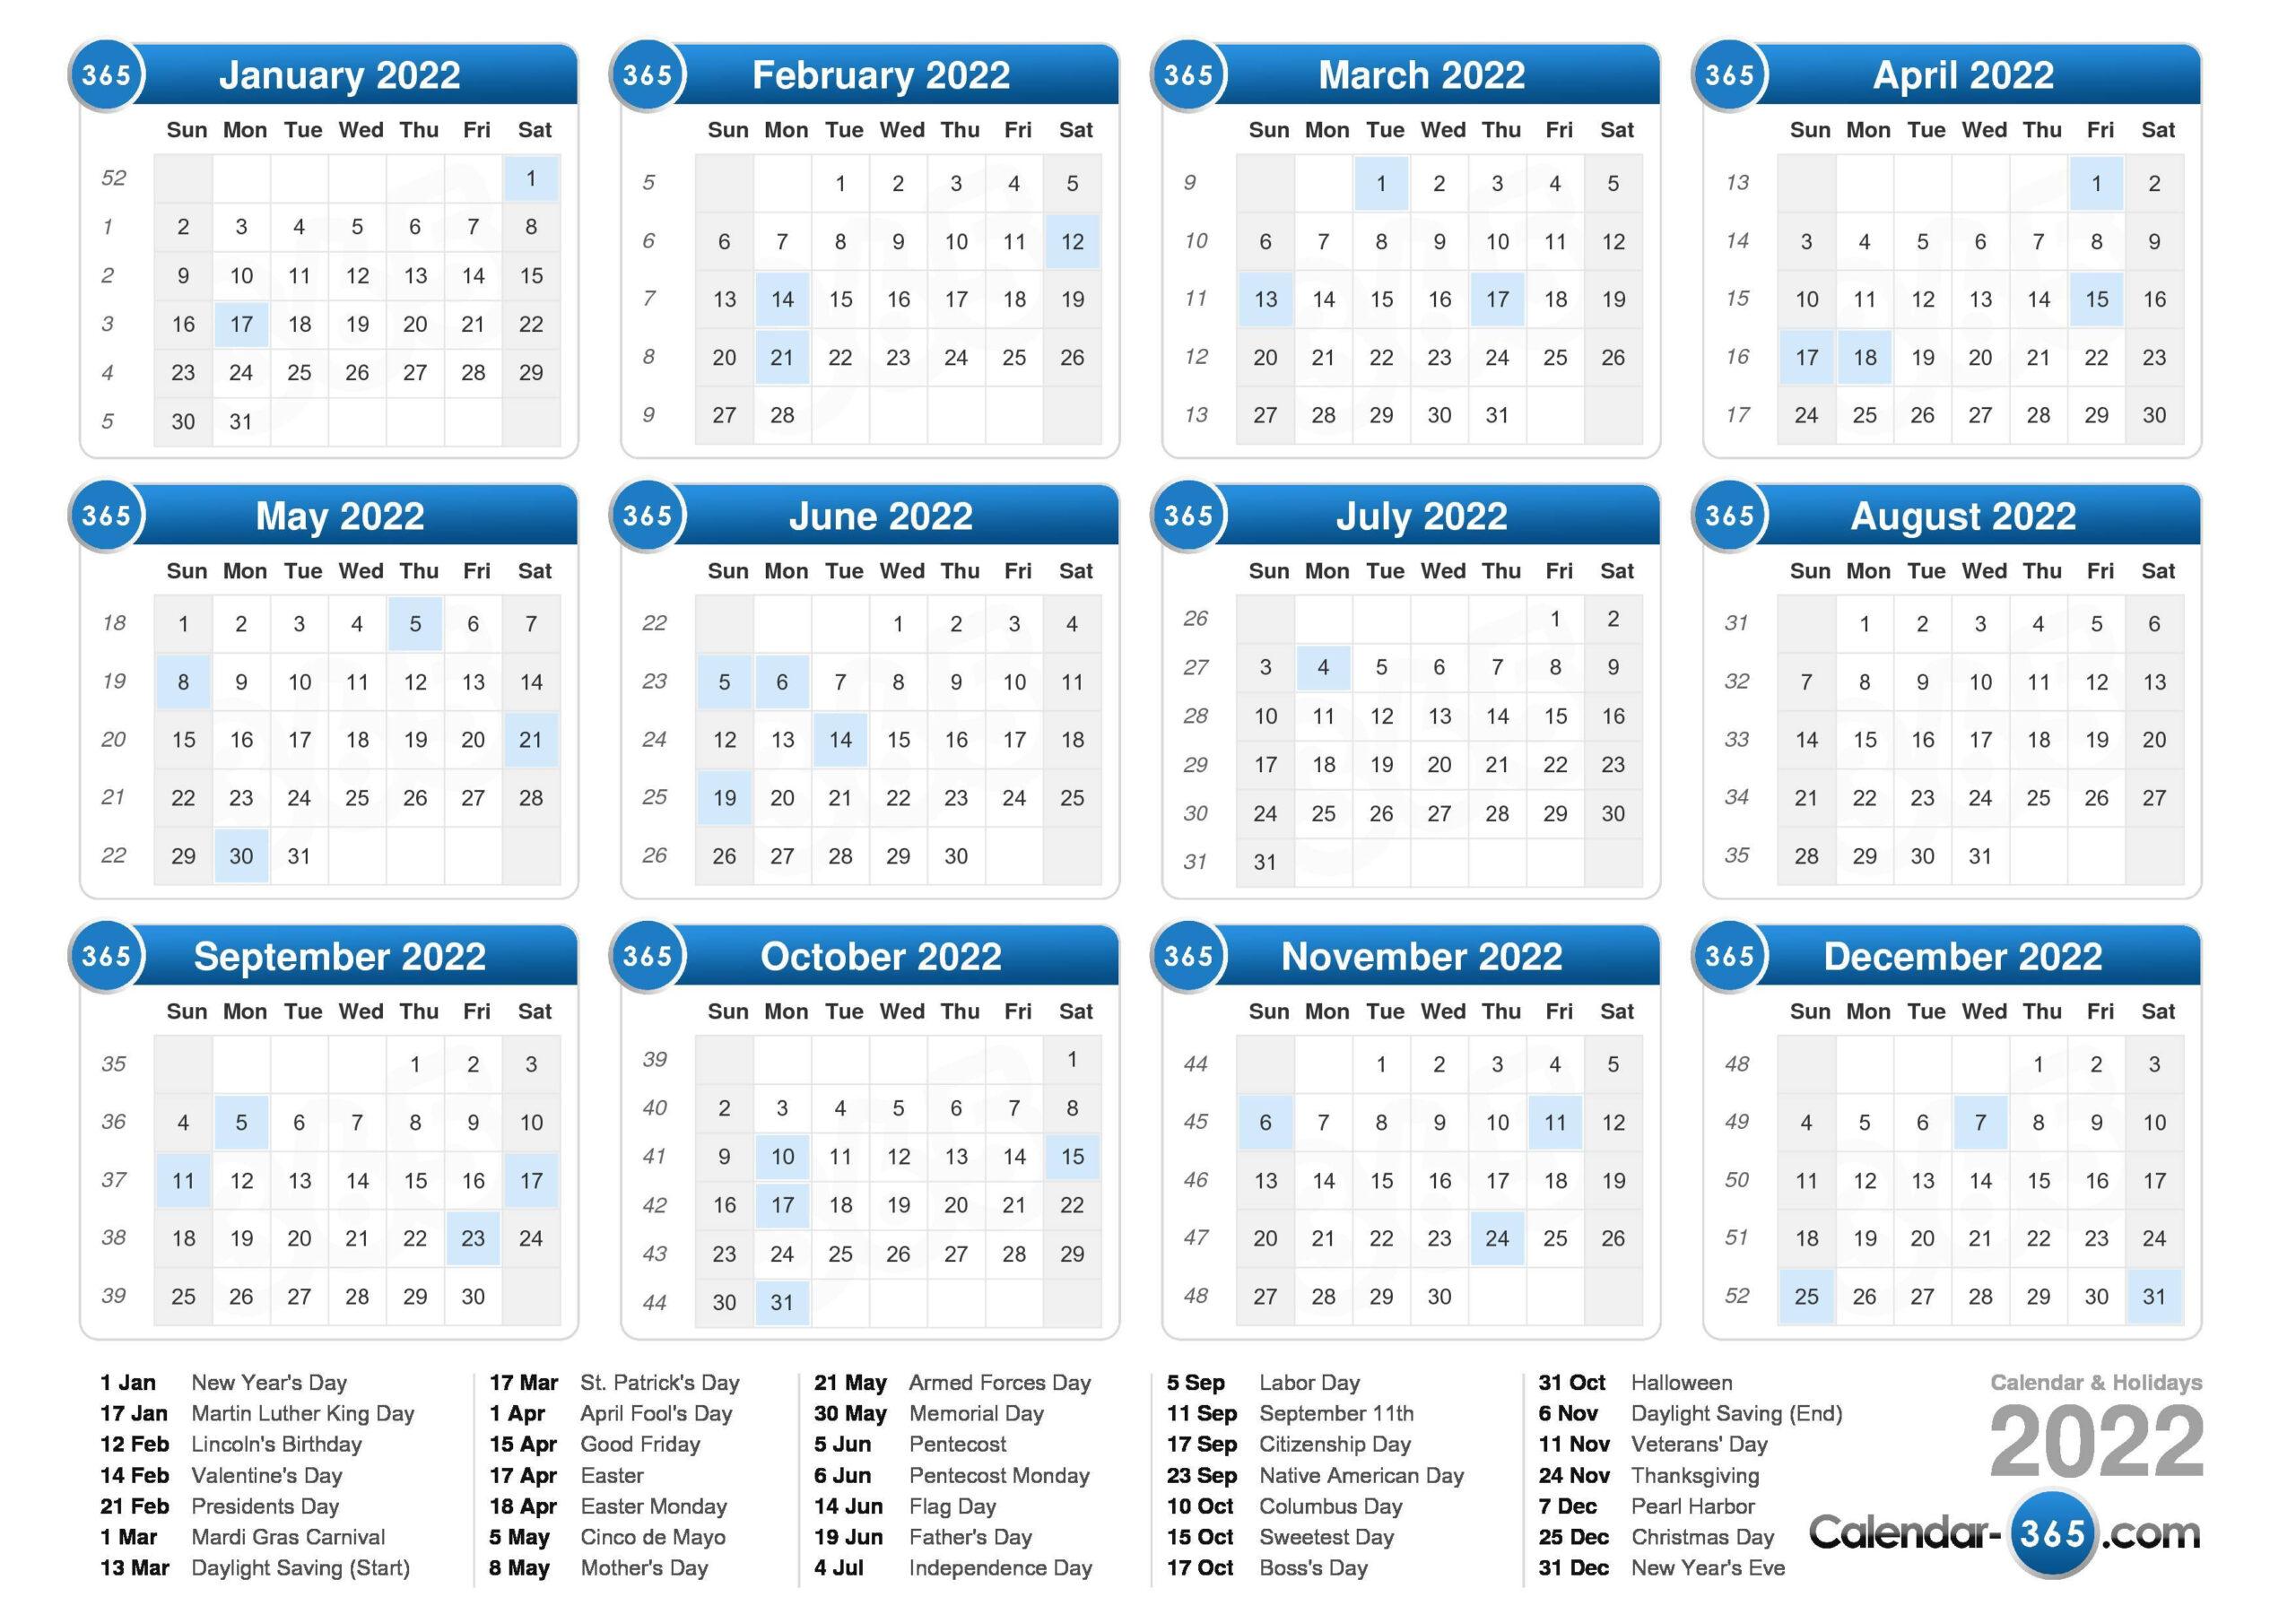 2022 Calendar with regard to Walmart 2022 2023 Fiscal Calendar